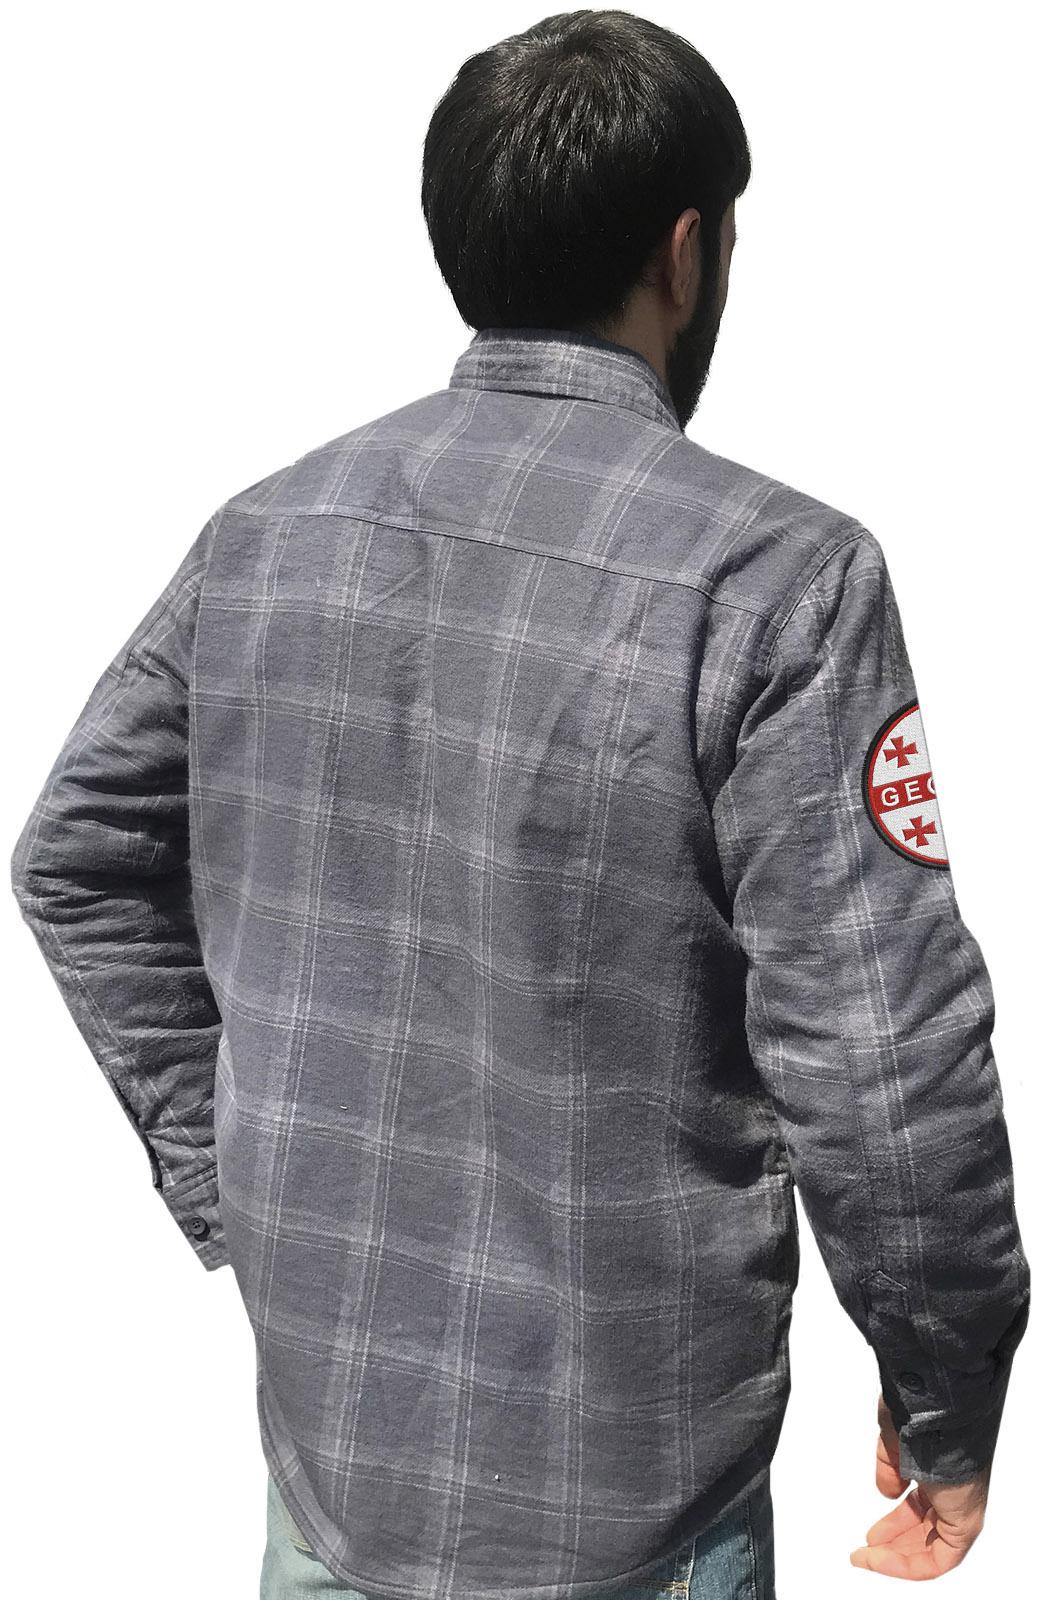 Купить рубашку теплую мужскую с вышитым шевроном Грузия онлайн с доставкой